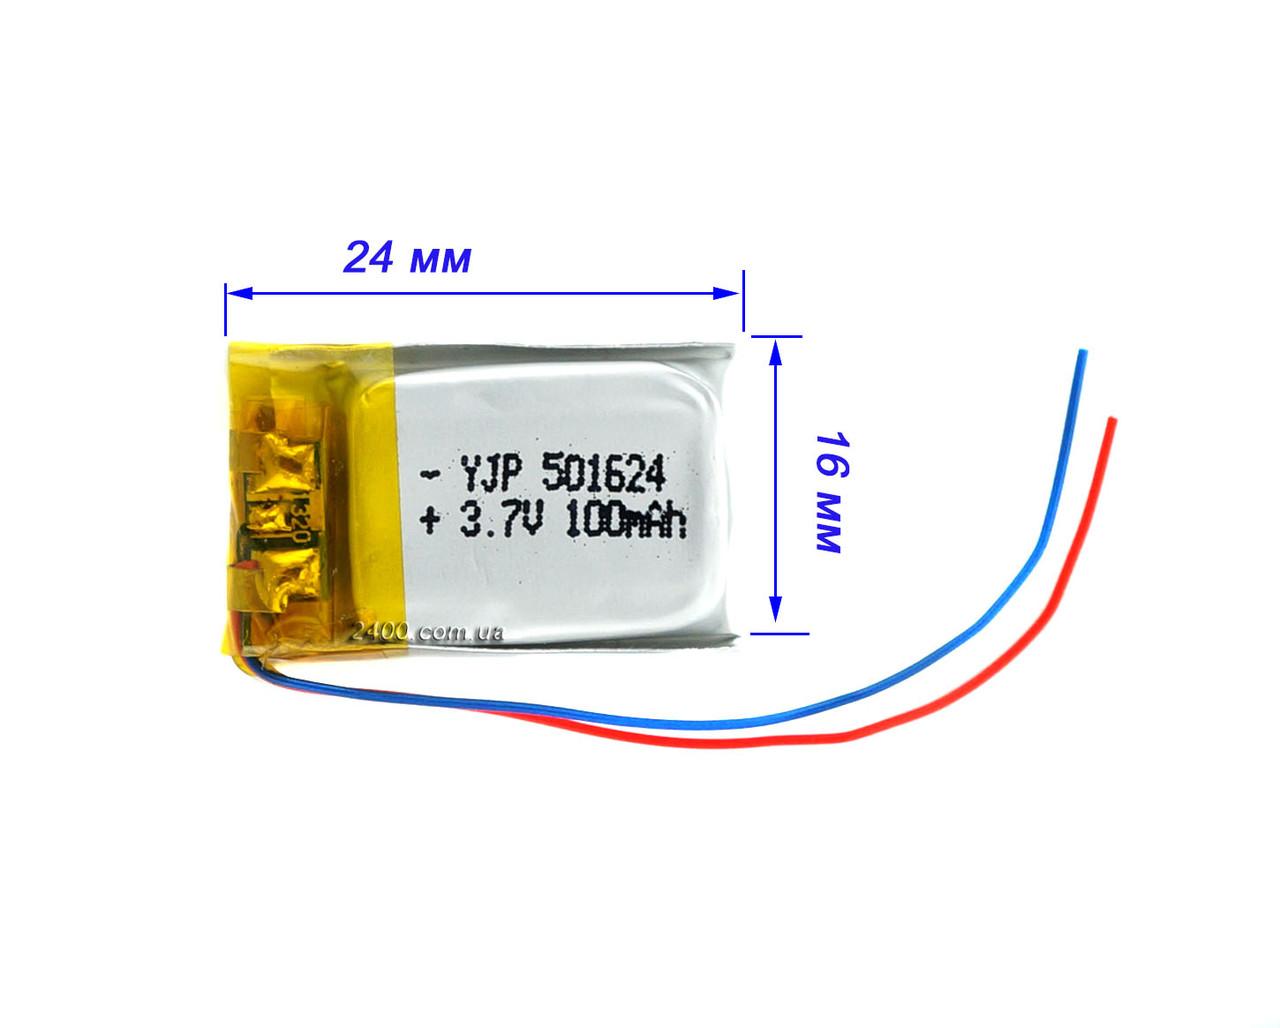 Аккумулятор (100 мАч) для охранных систем, наушников, гарнитур, игрушек 100mAh 501624 3,7в универсальный